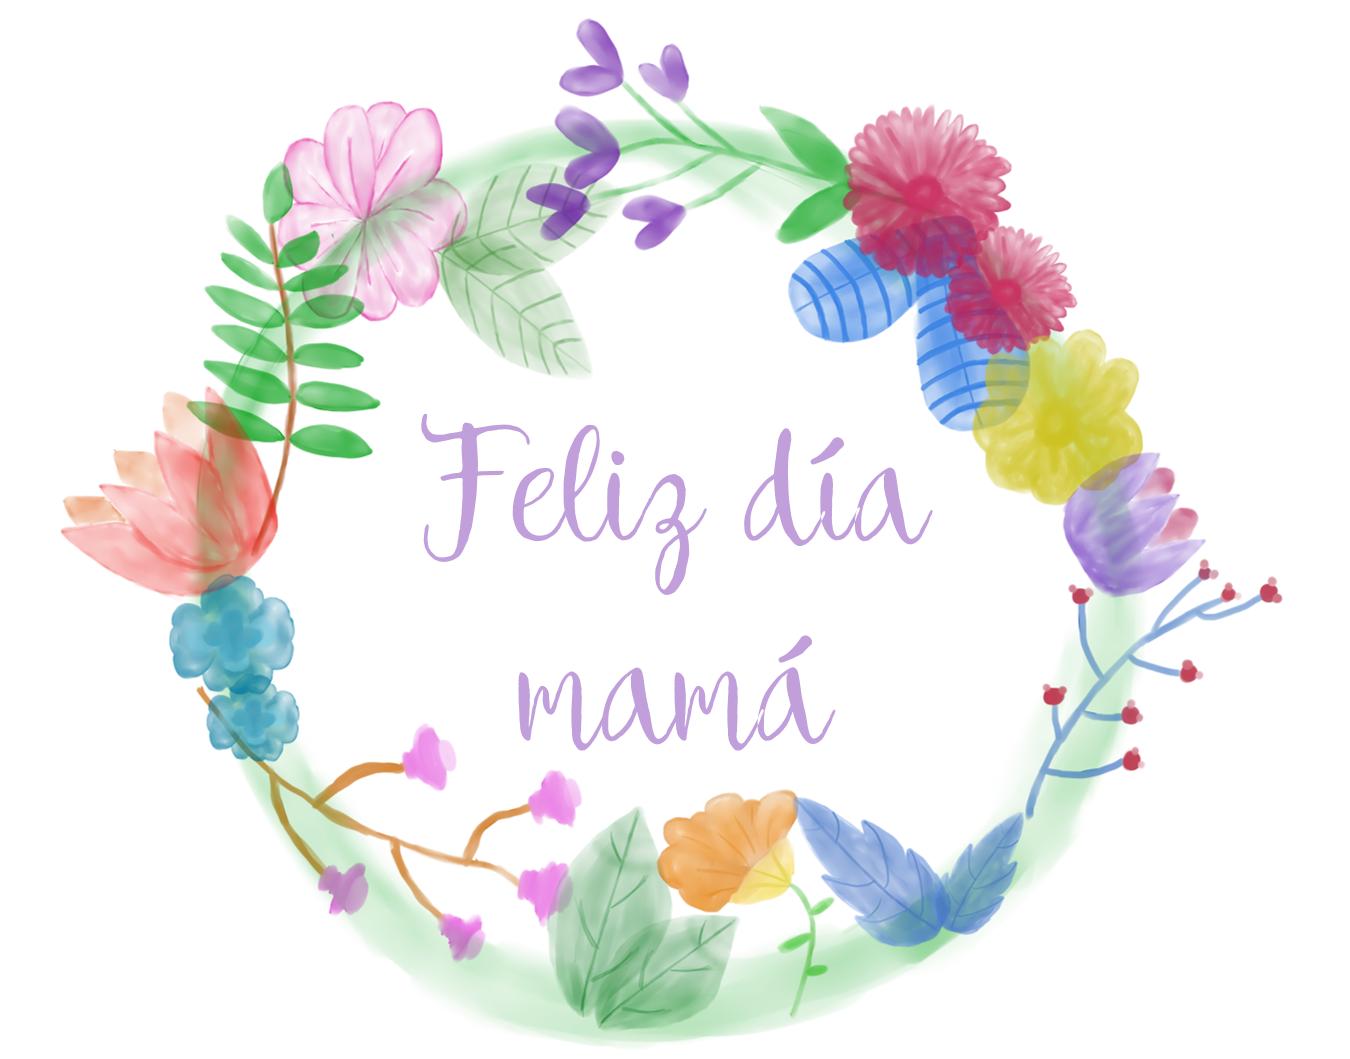 Fondos Para El Dia De Las Madres: Imprimibles, Dia De La Madre, Png, Watercolor, Descargar